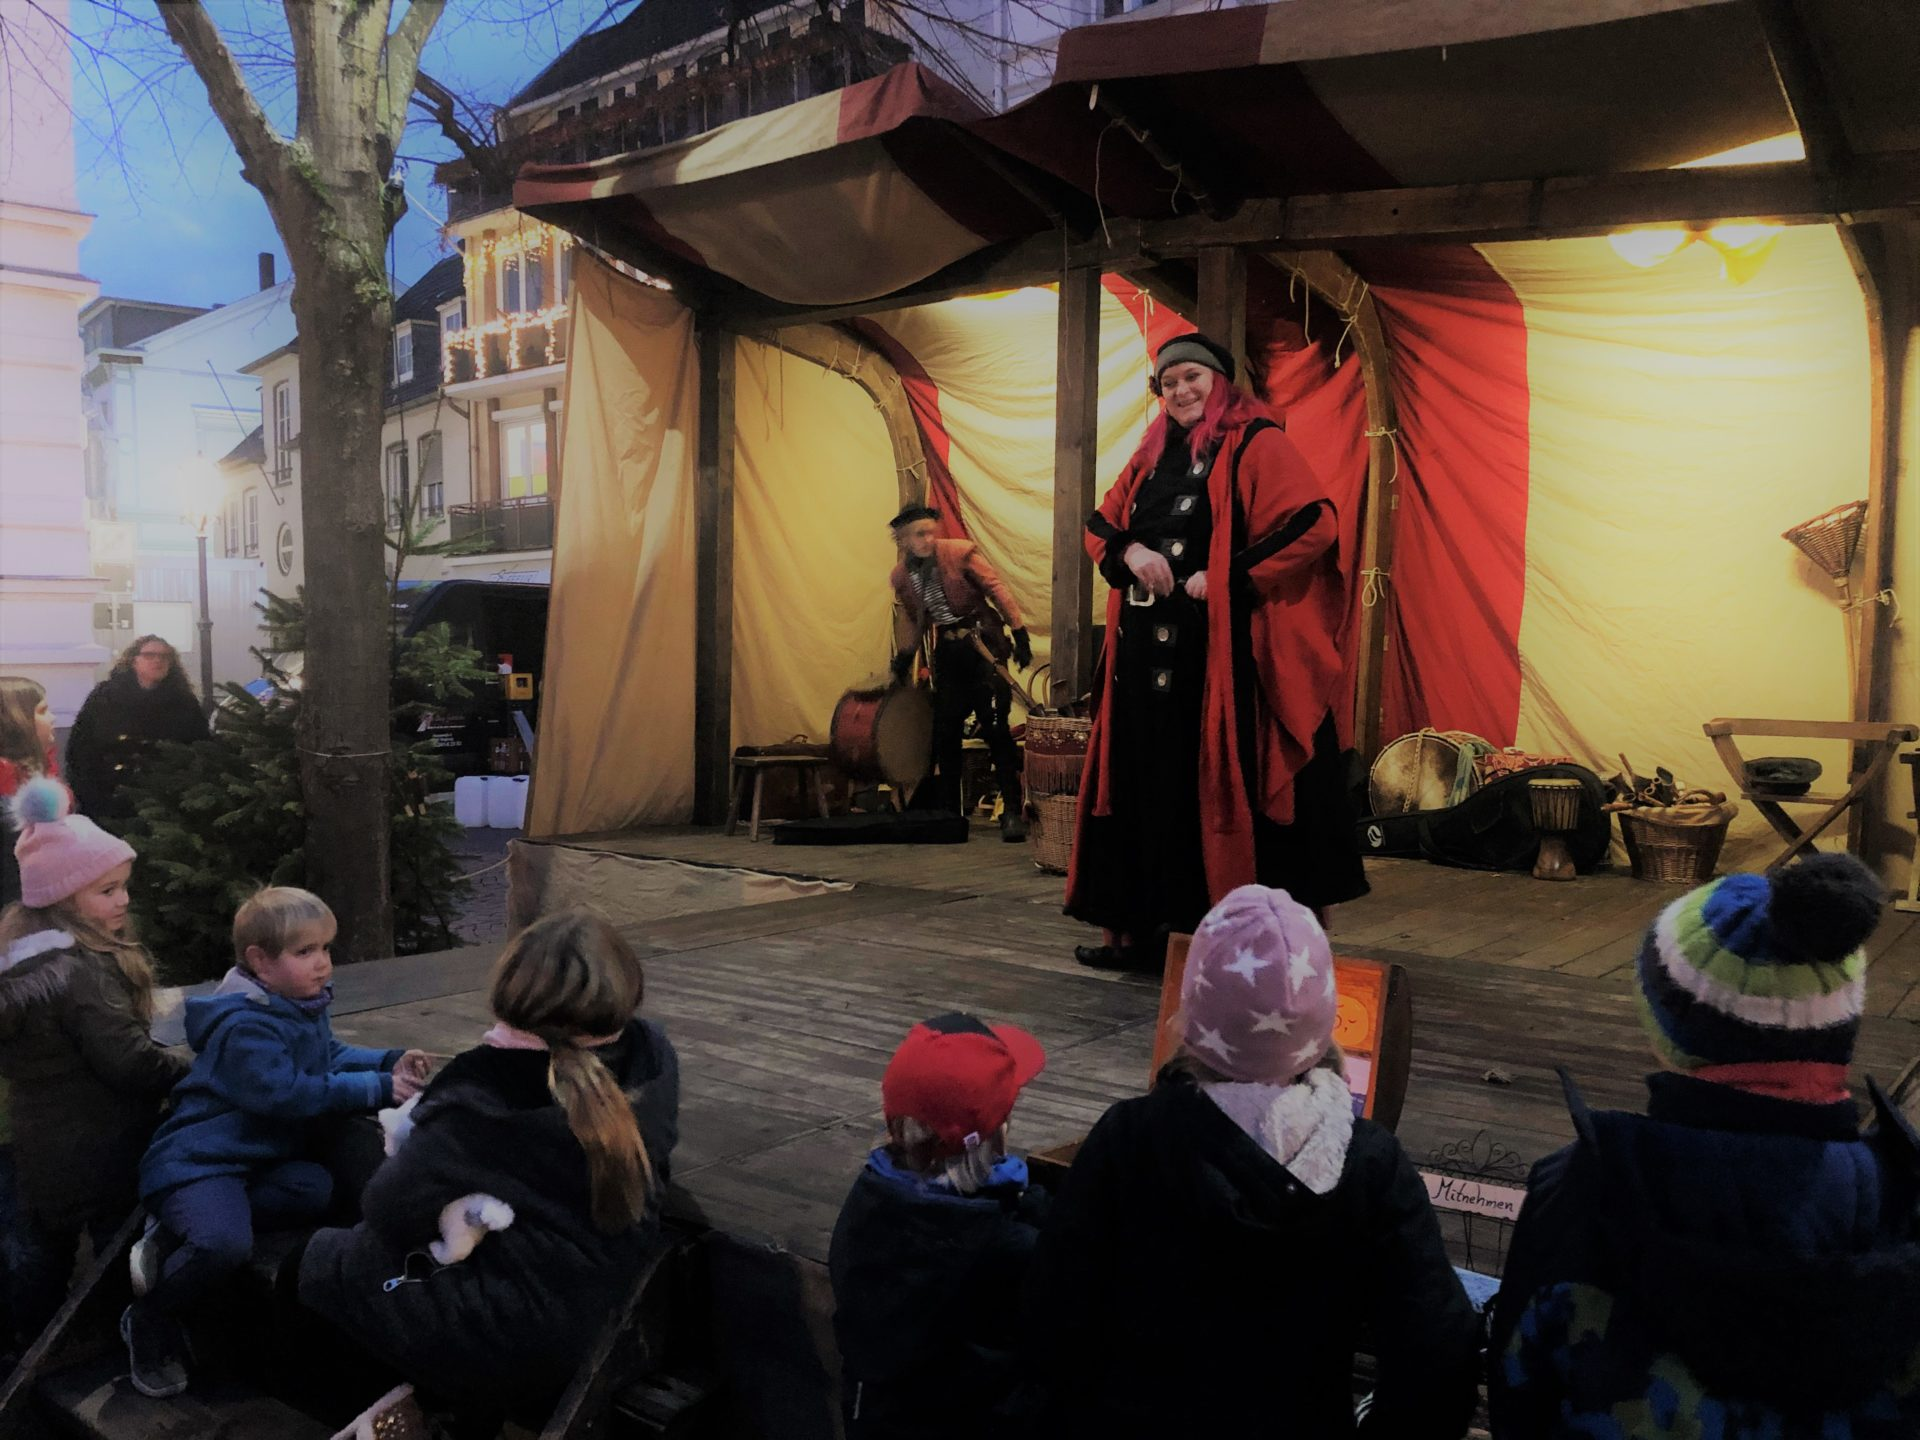 クリスマスマーケットの舞台で歌う女性